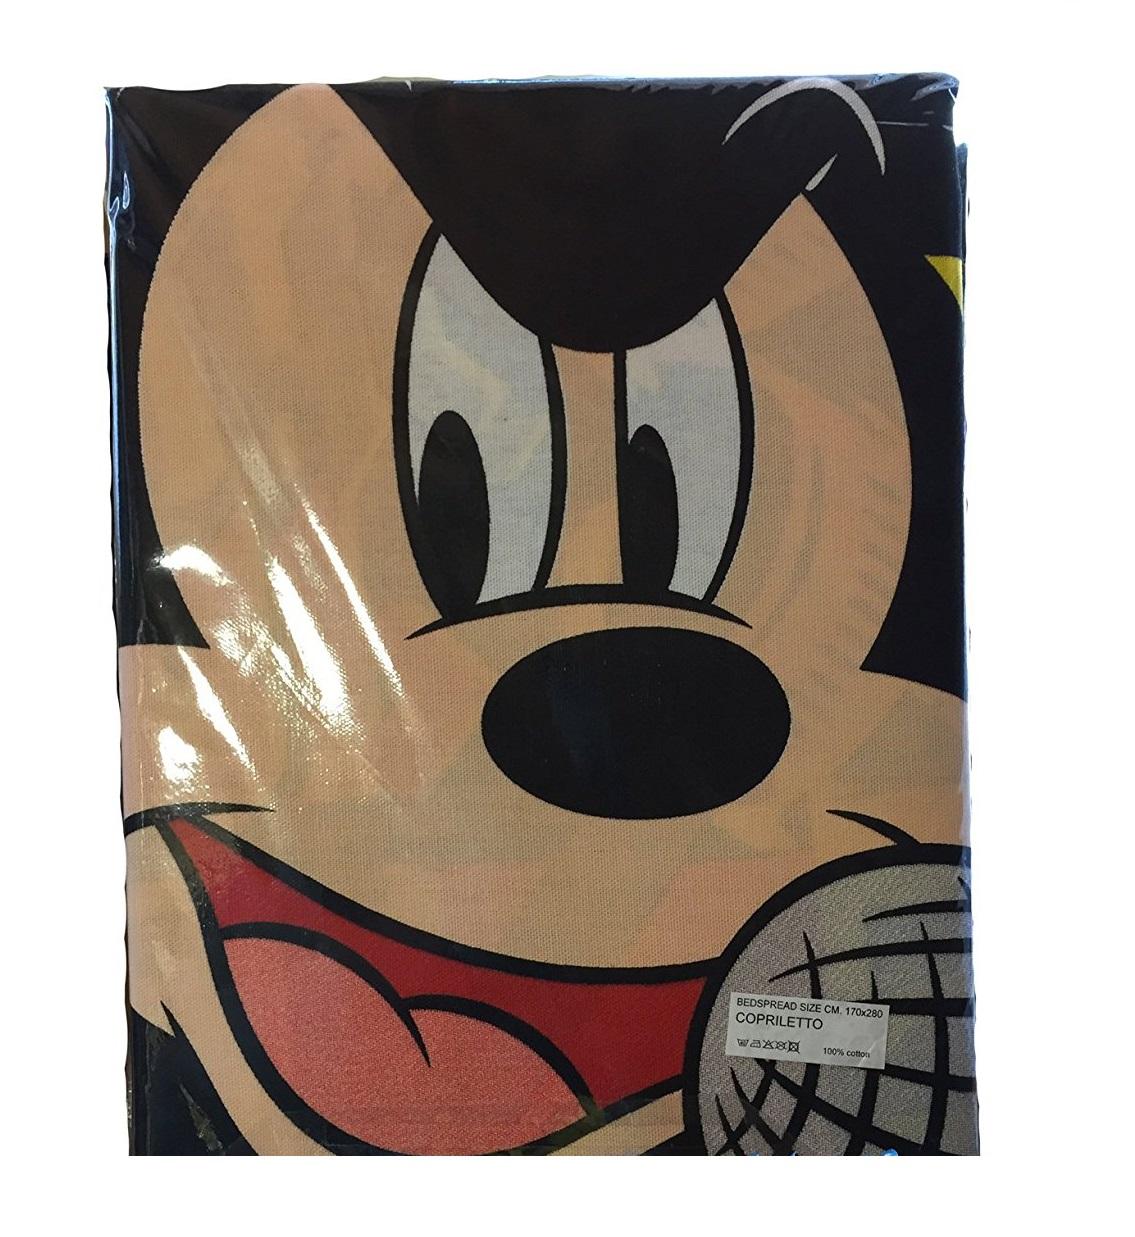 Copriletto Topolino Mickey Rock Disney Estivo G L G Store